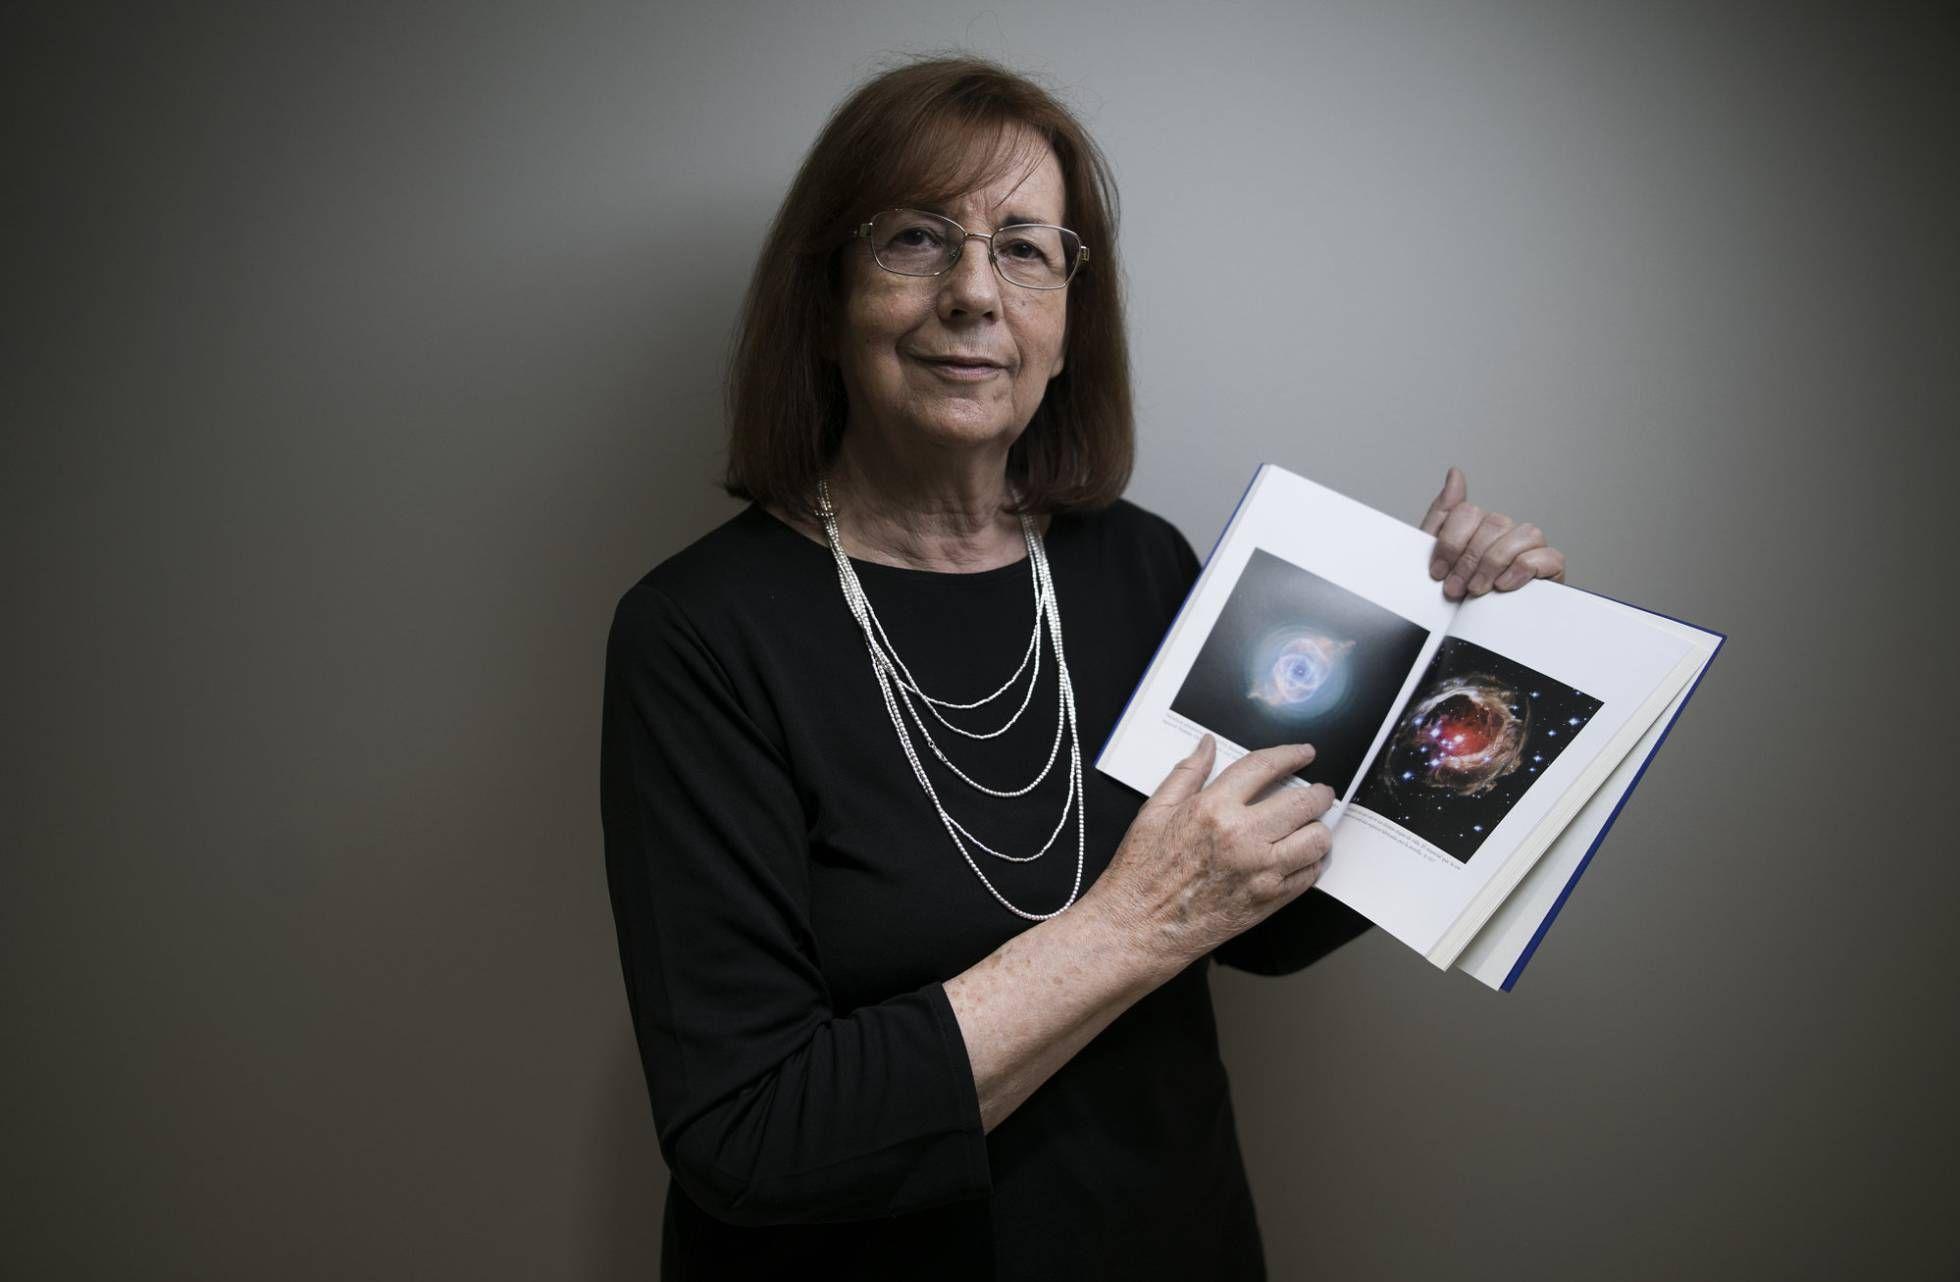 """María Teresa Ruiz es autora del magnífico libro """"Hijos de las estrellas"""". Crédito: Javier Sampedro. web elpais.com"""